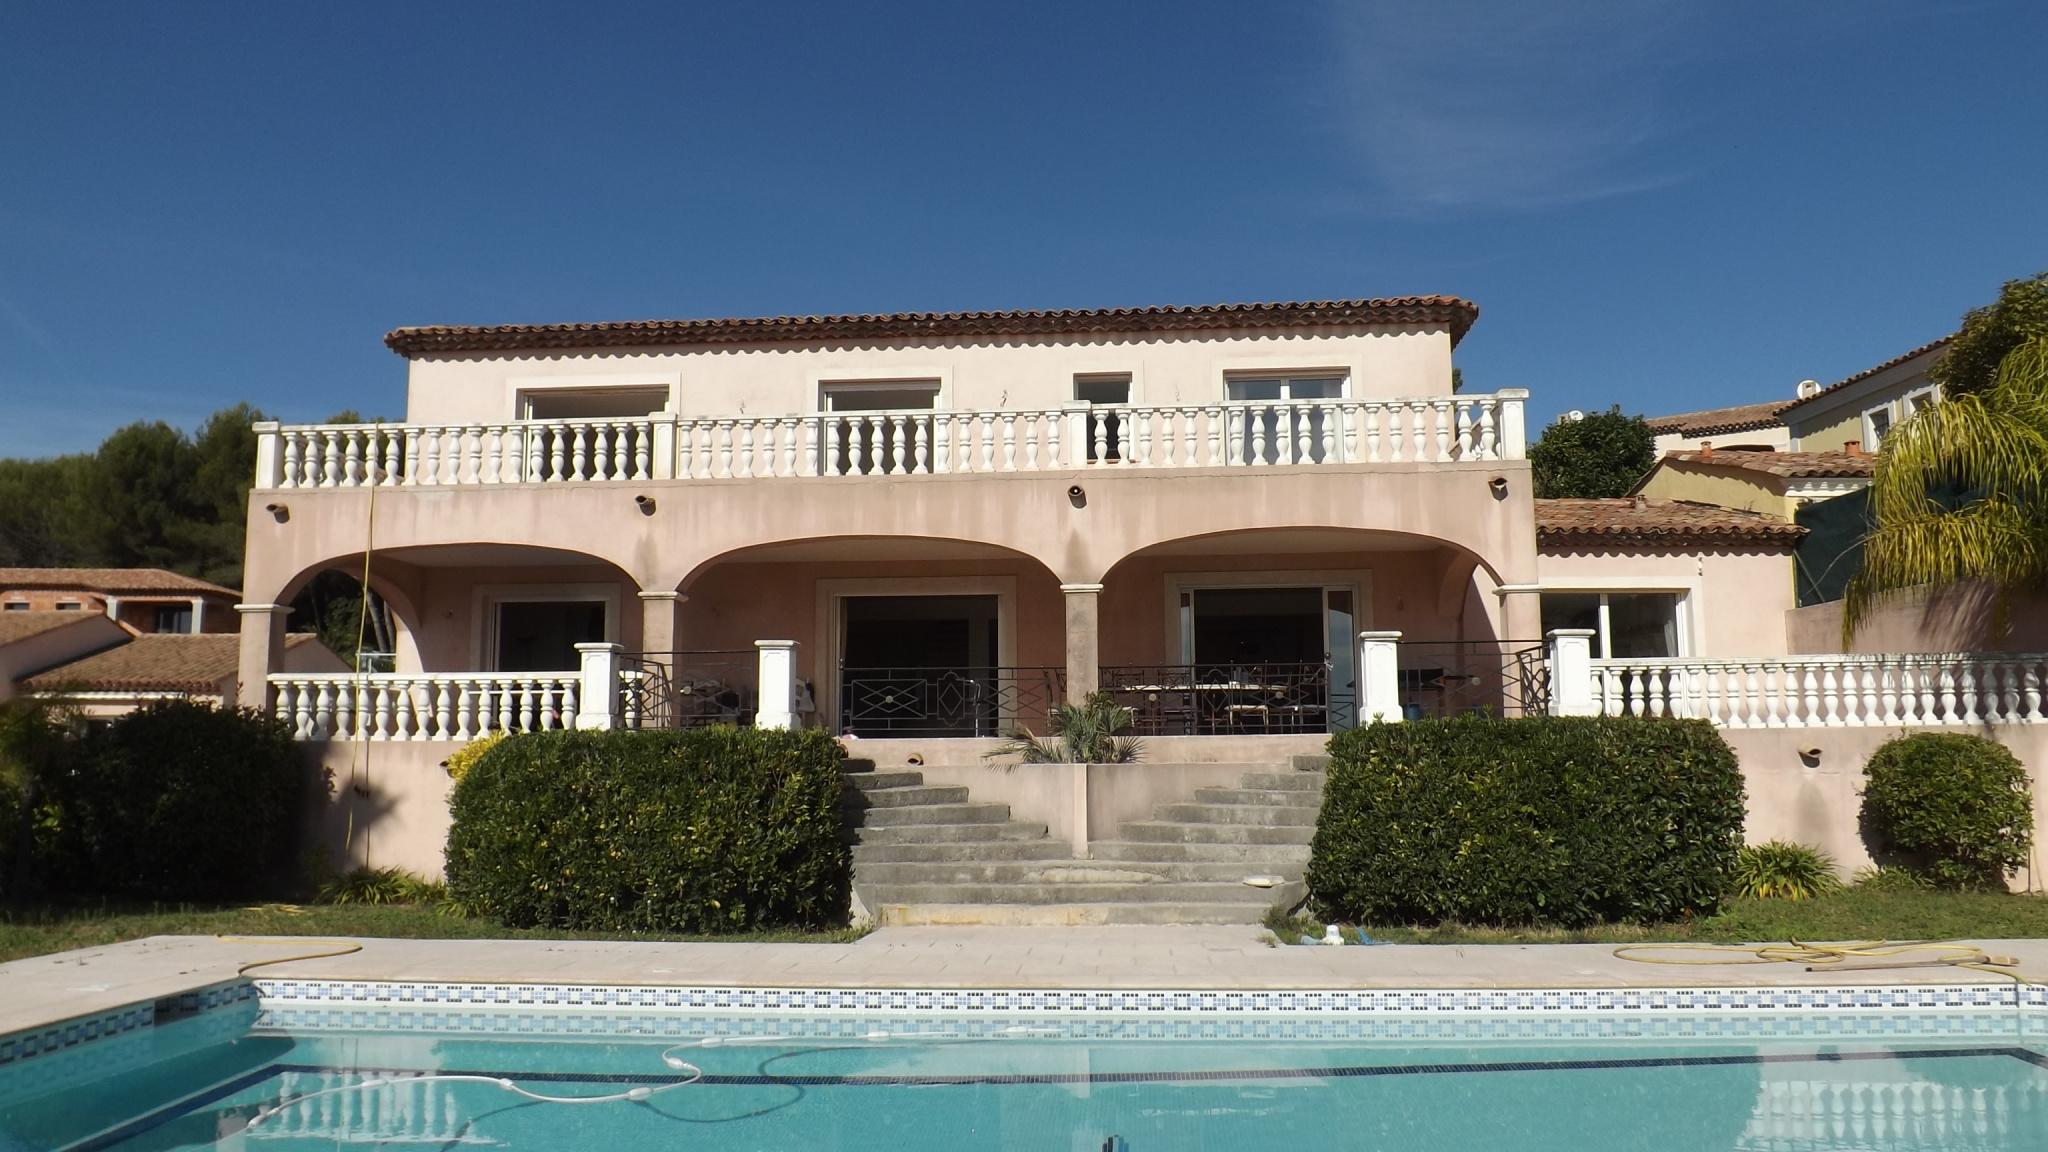 Location maison vallauris 06220 sur le partenaire for Location garage vallauris